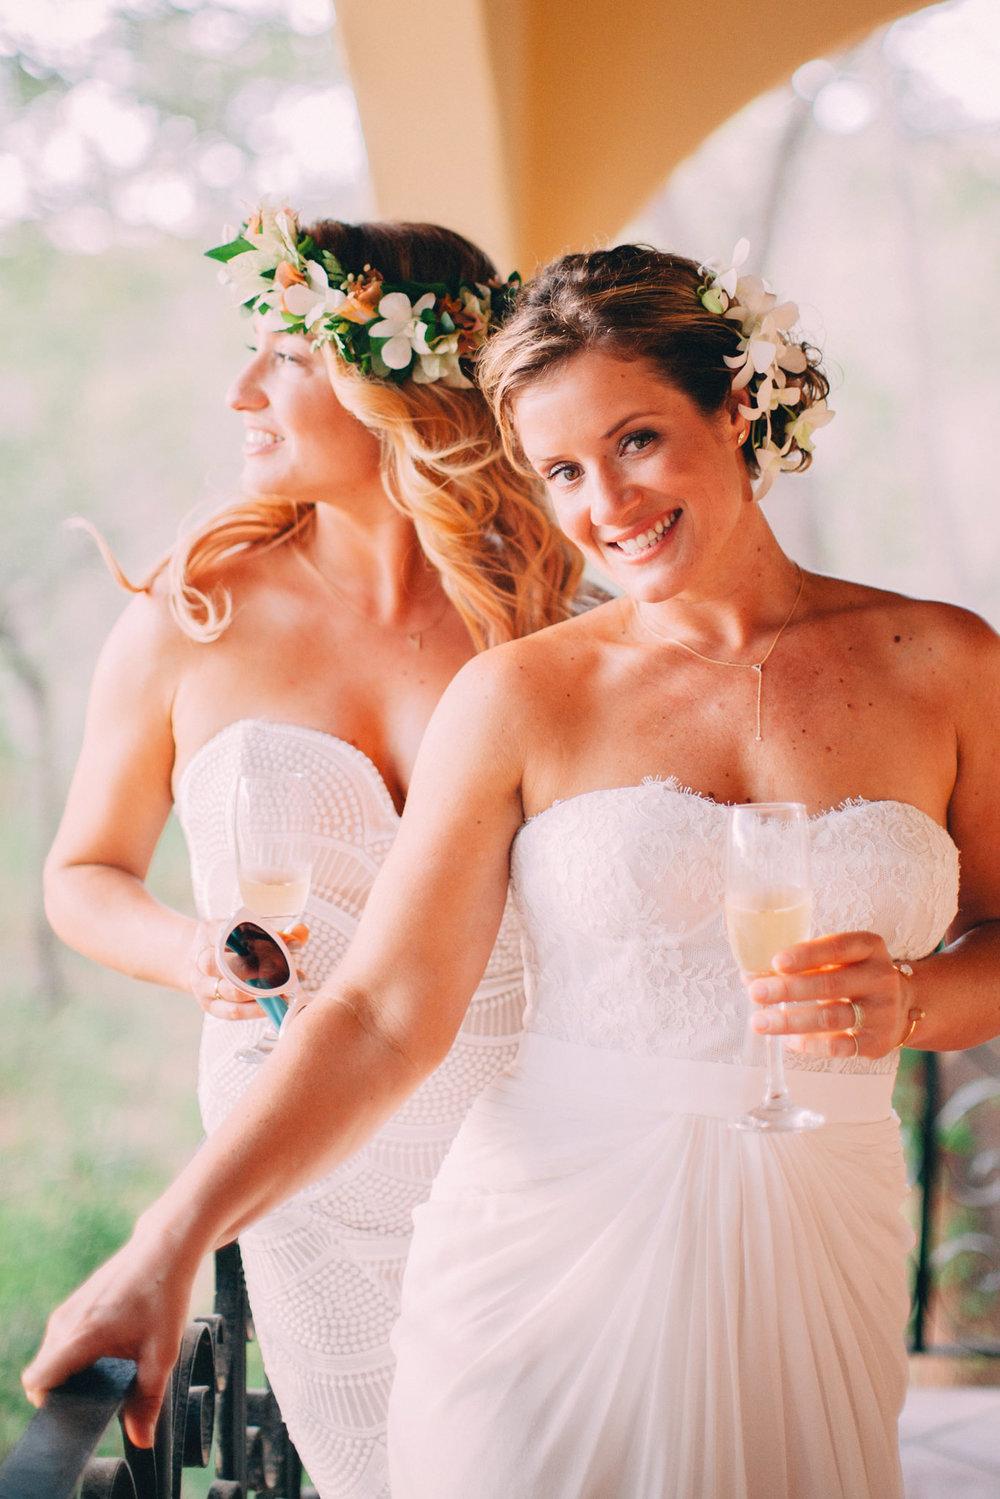 Wedding portraits. Nicaragua photography